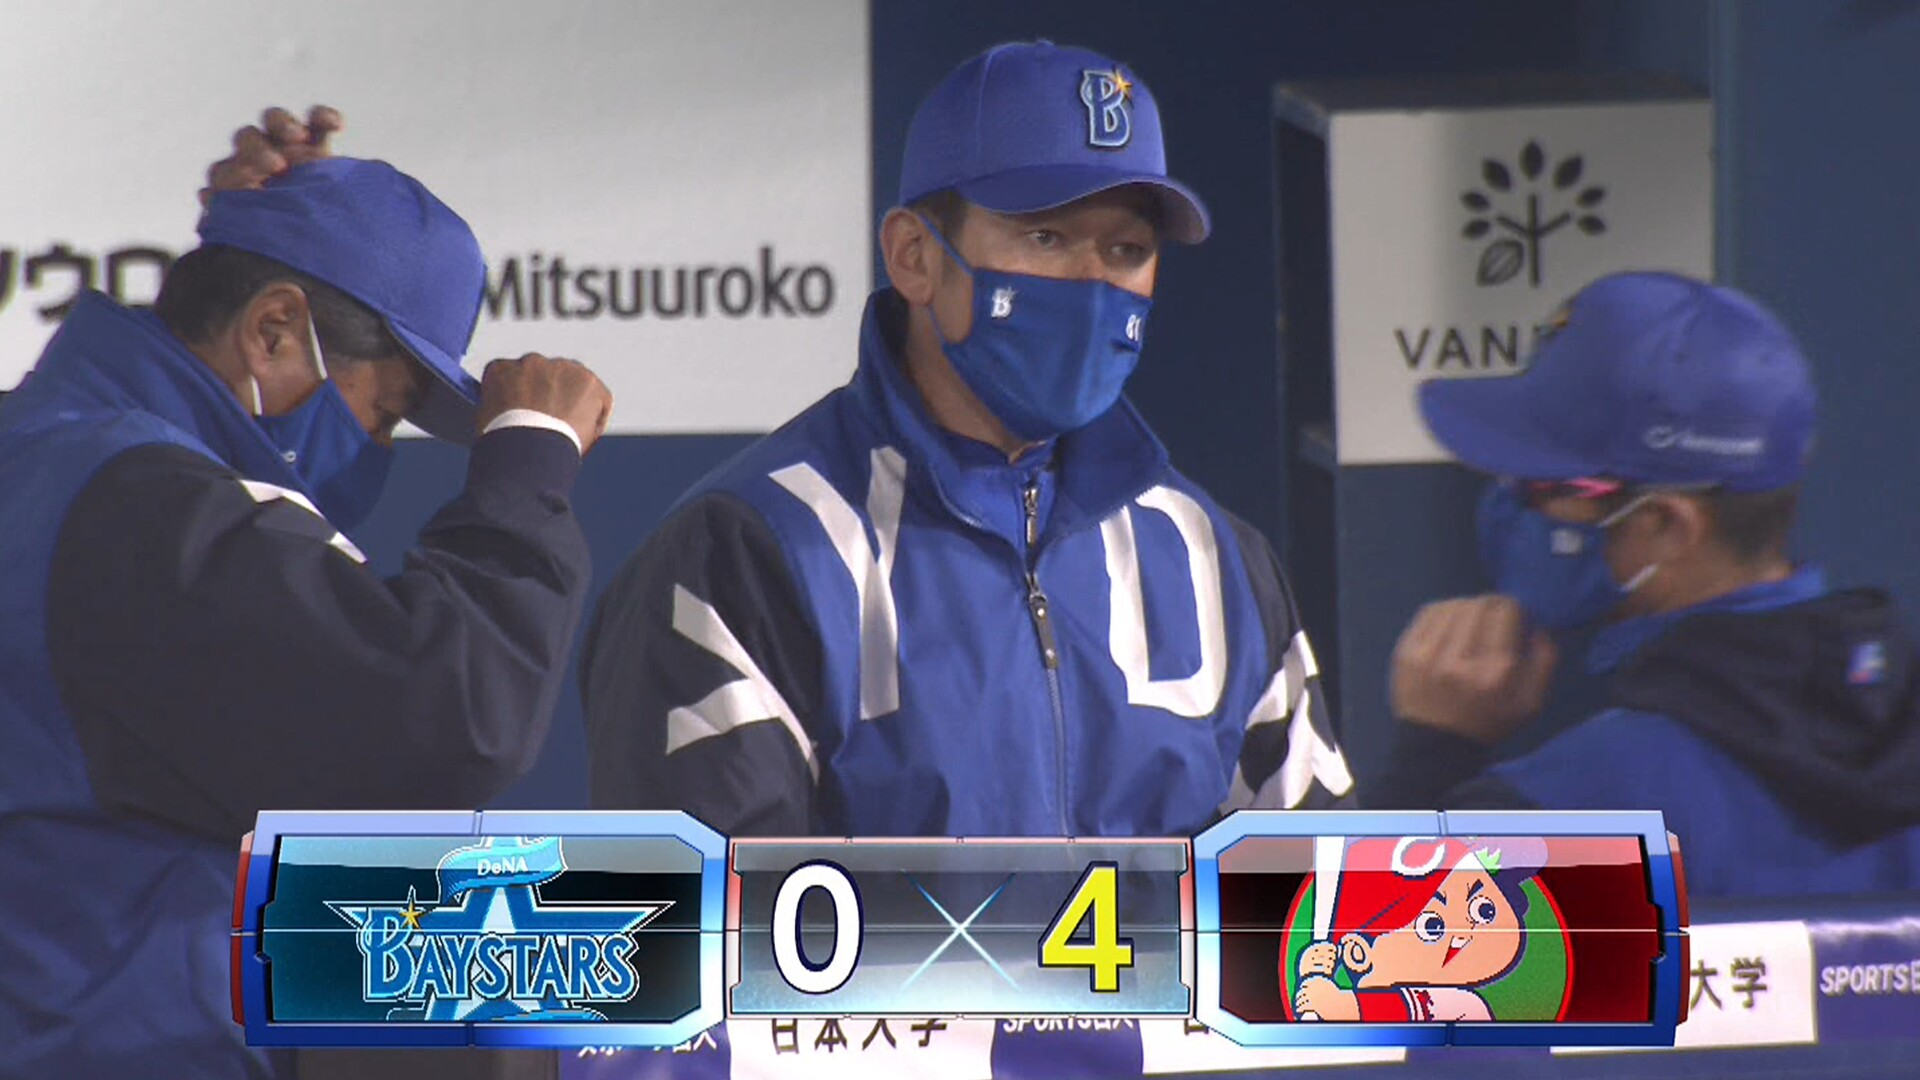 三浦監督、プロ野球ワーストの新人監督開幕7試合未勝利 濱口はベンチで涙